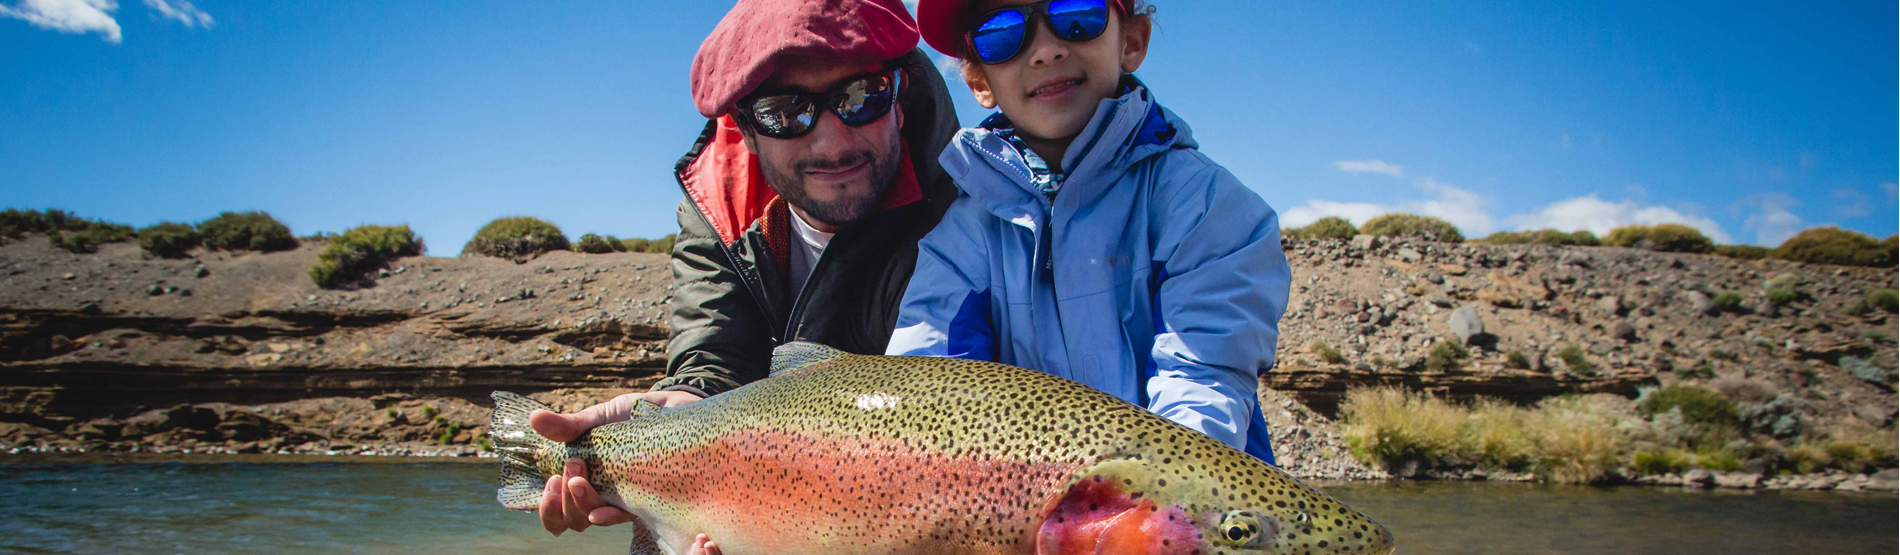 Angler mit großer Regenbogenforelle